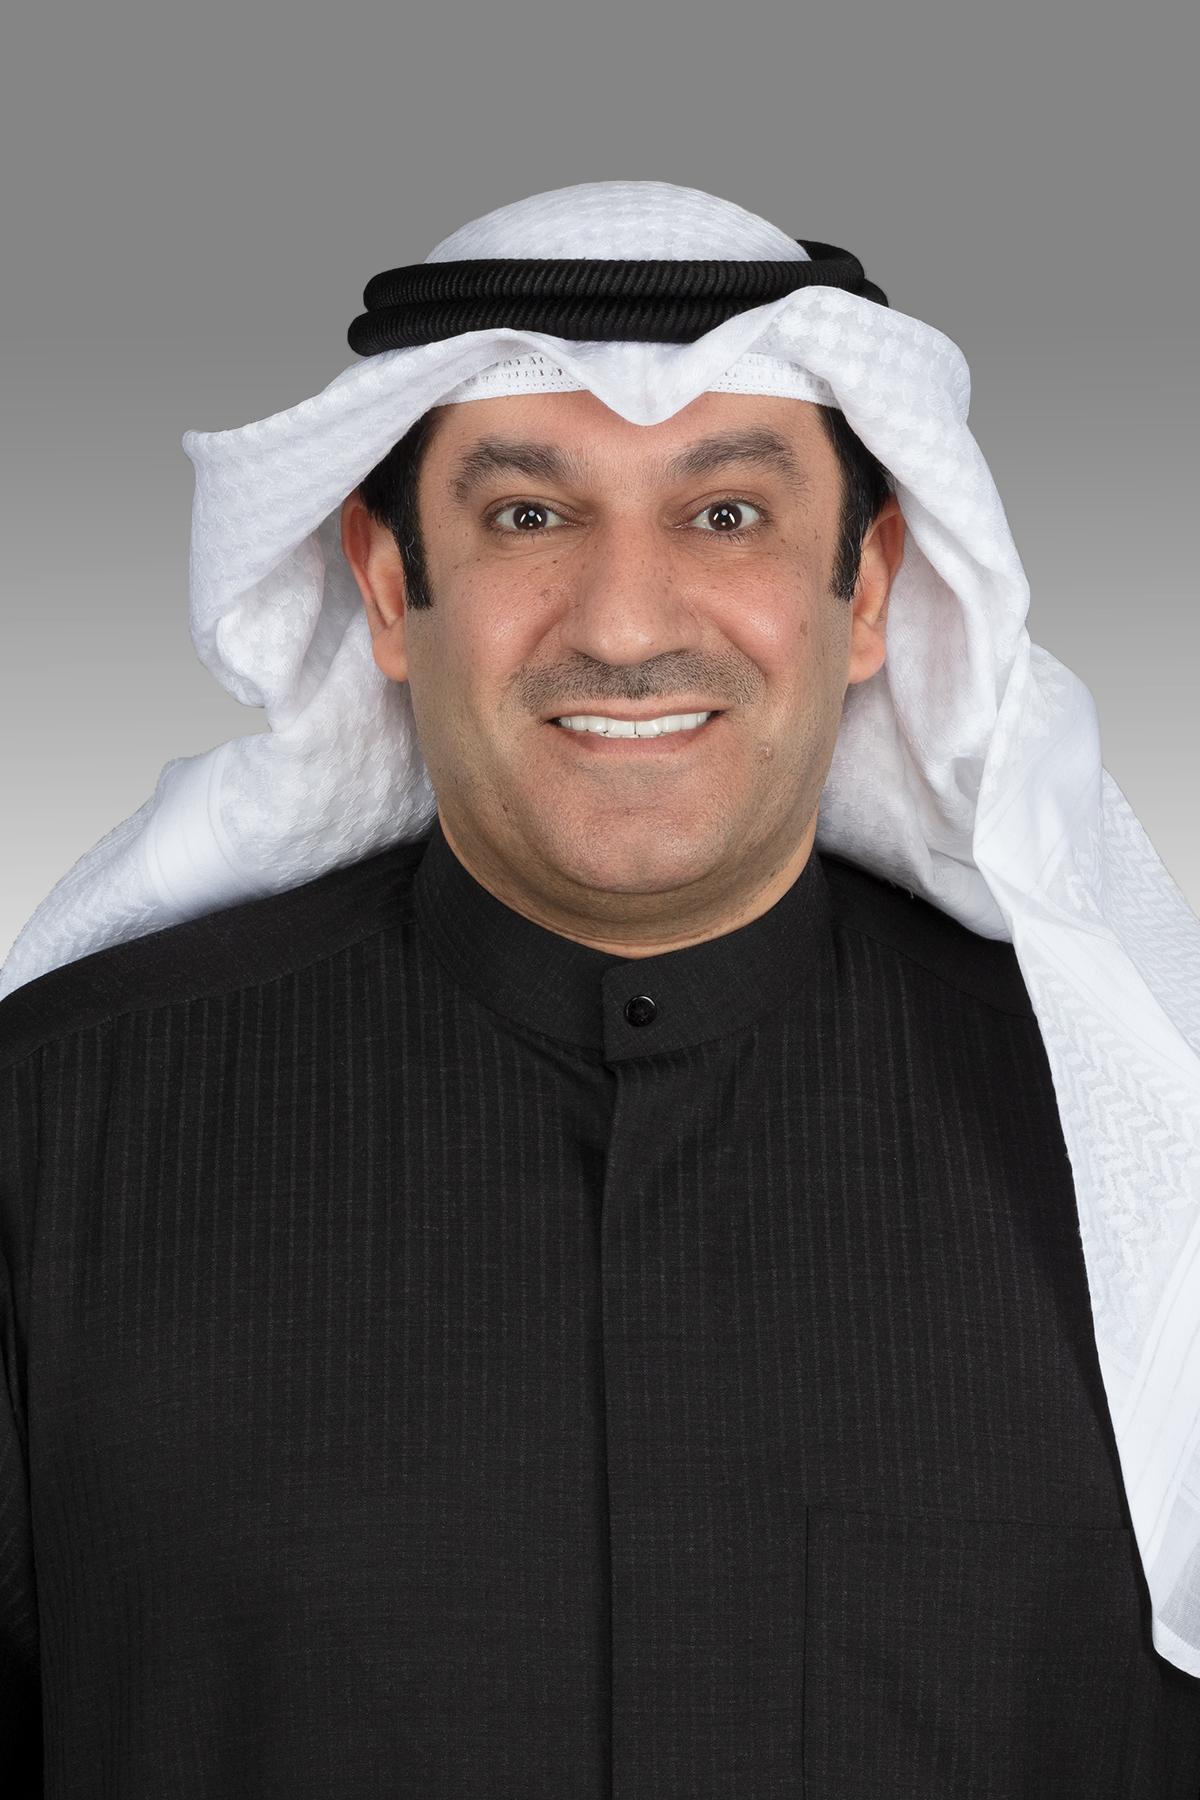 الشحومي يسأل وزير التربية عن عدد المدارس الخاصة في منطقة سلوى